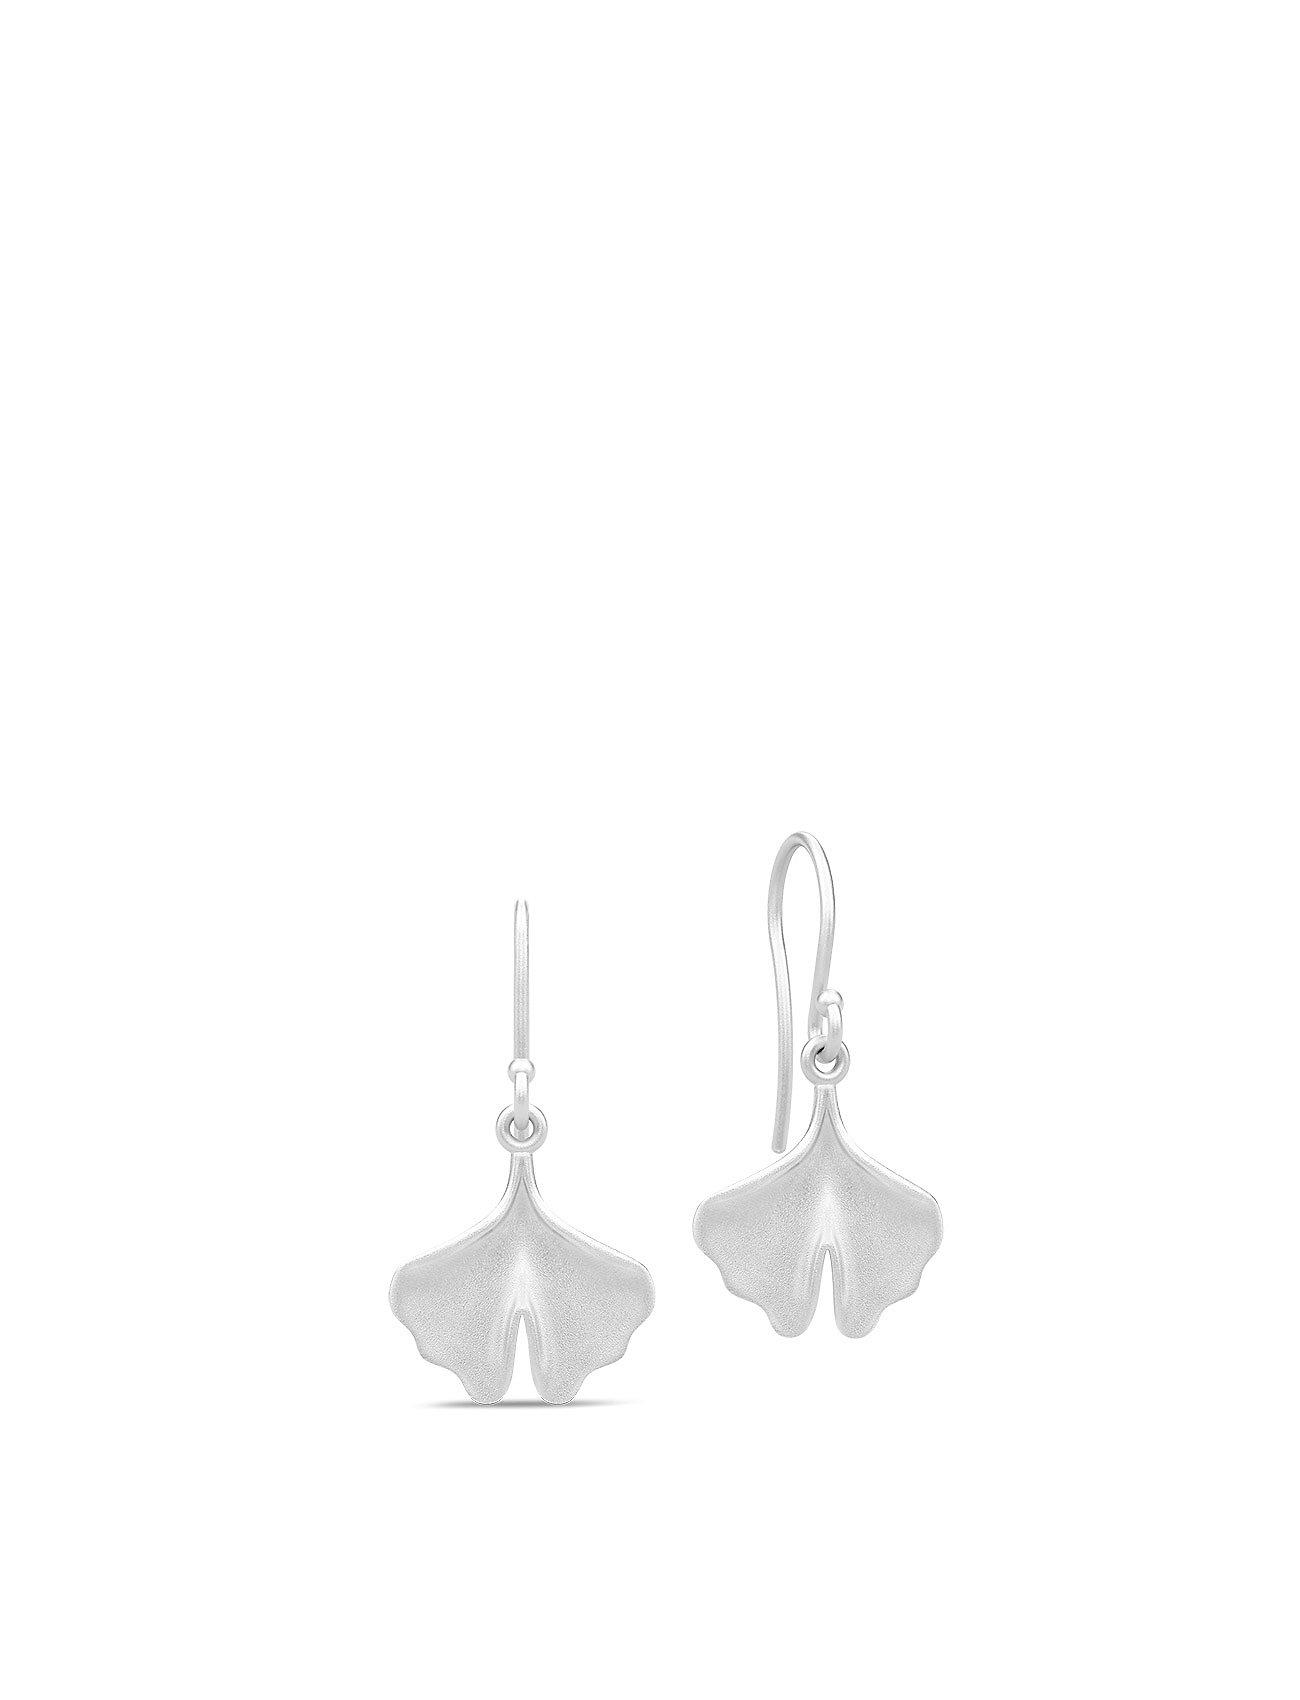 Julie Sandlau Ginkgo Earrings - SILVER